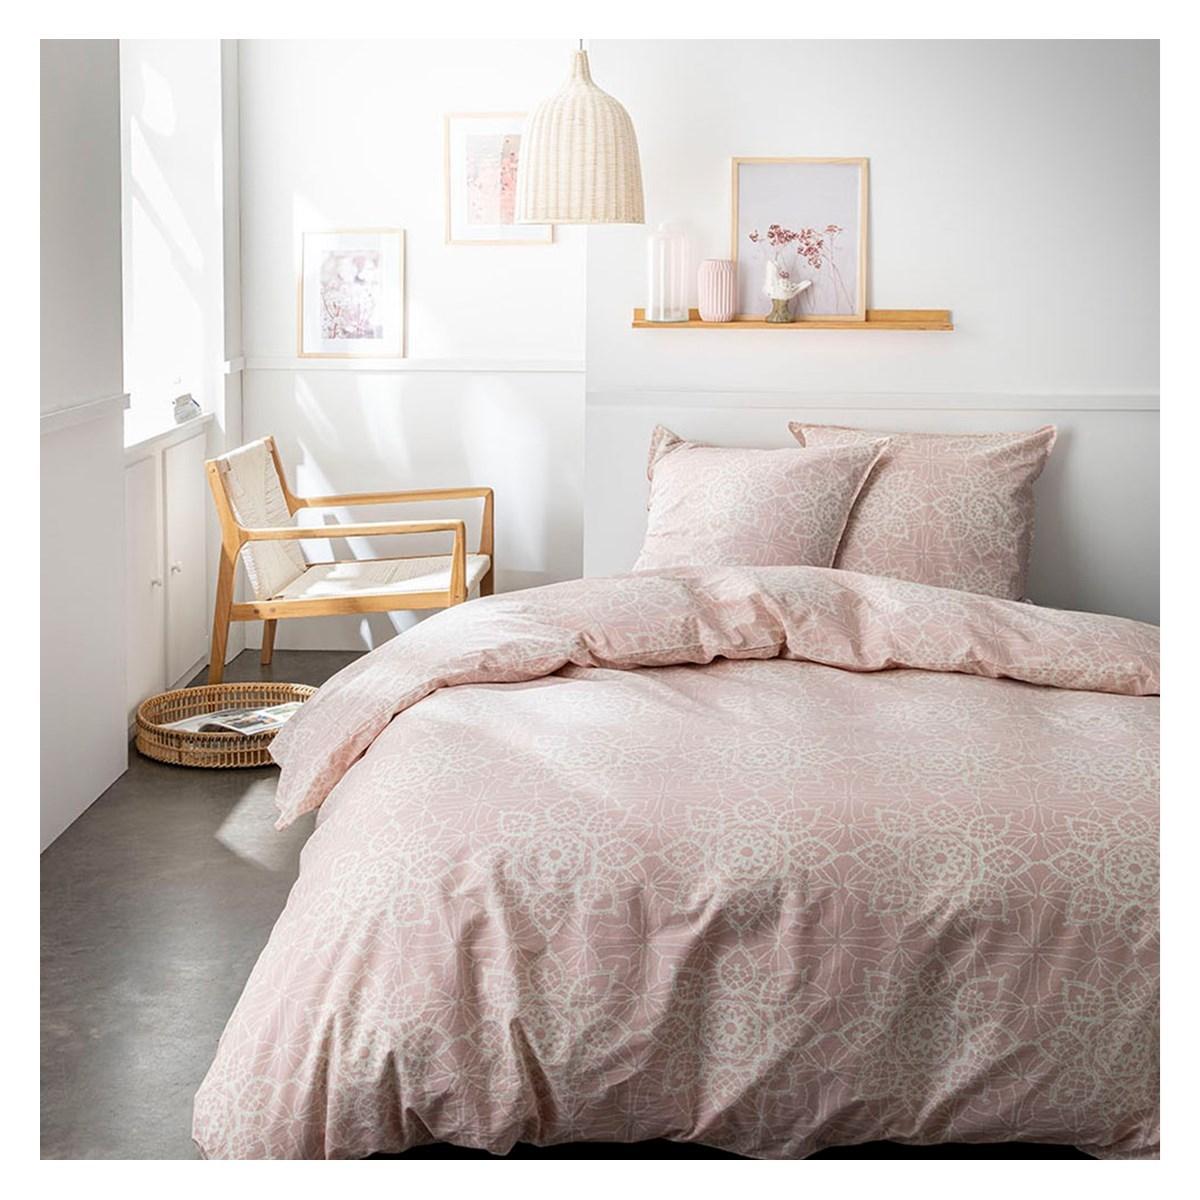 Parure de lit 2 personnes imprimé bohème en Coton Rose 220x240 cm